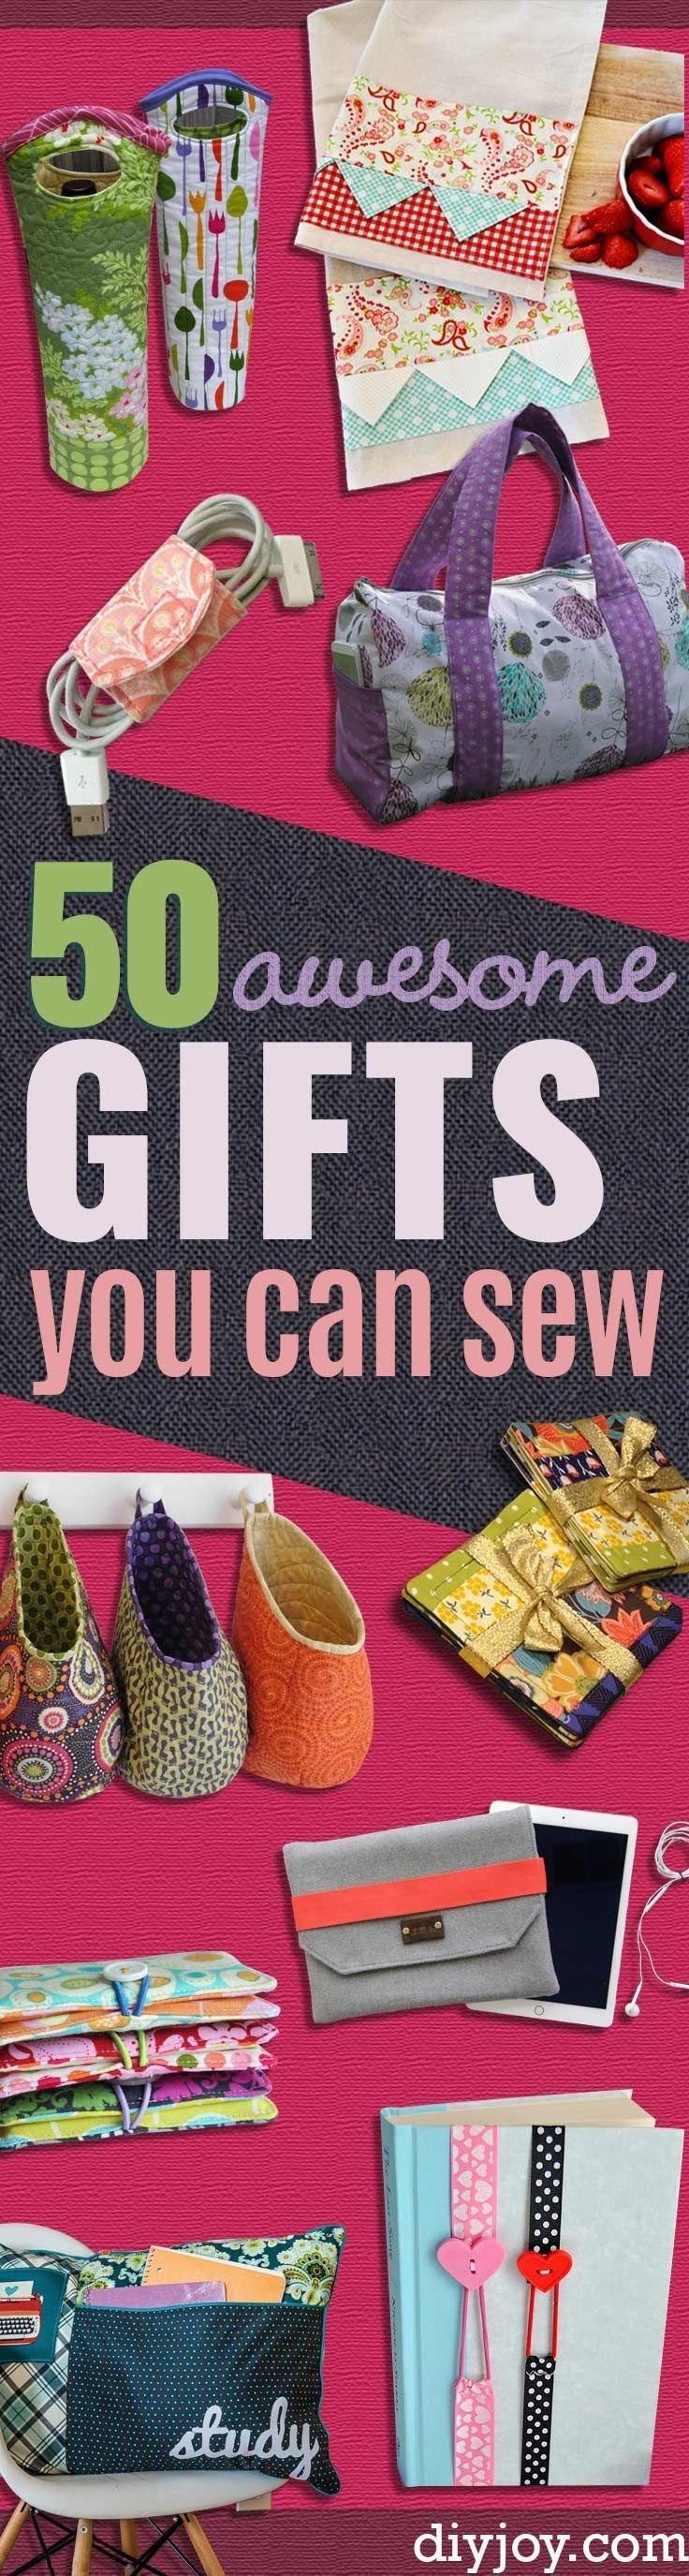 10 Fantastic Gift Ideas For Adult Children les 23 meilleures images du tableau christmas gift ideas sur 2021